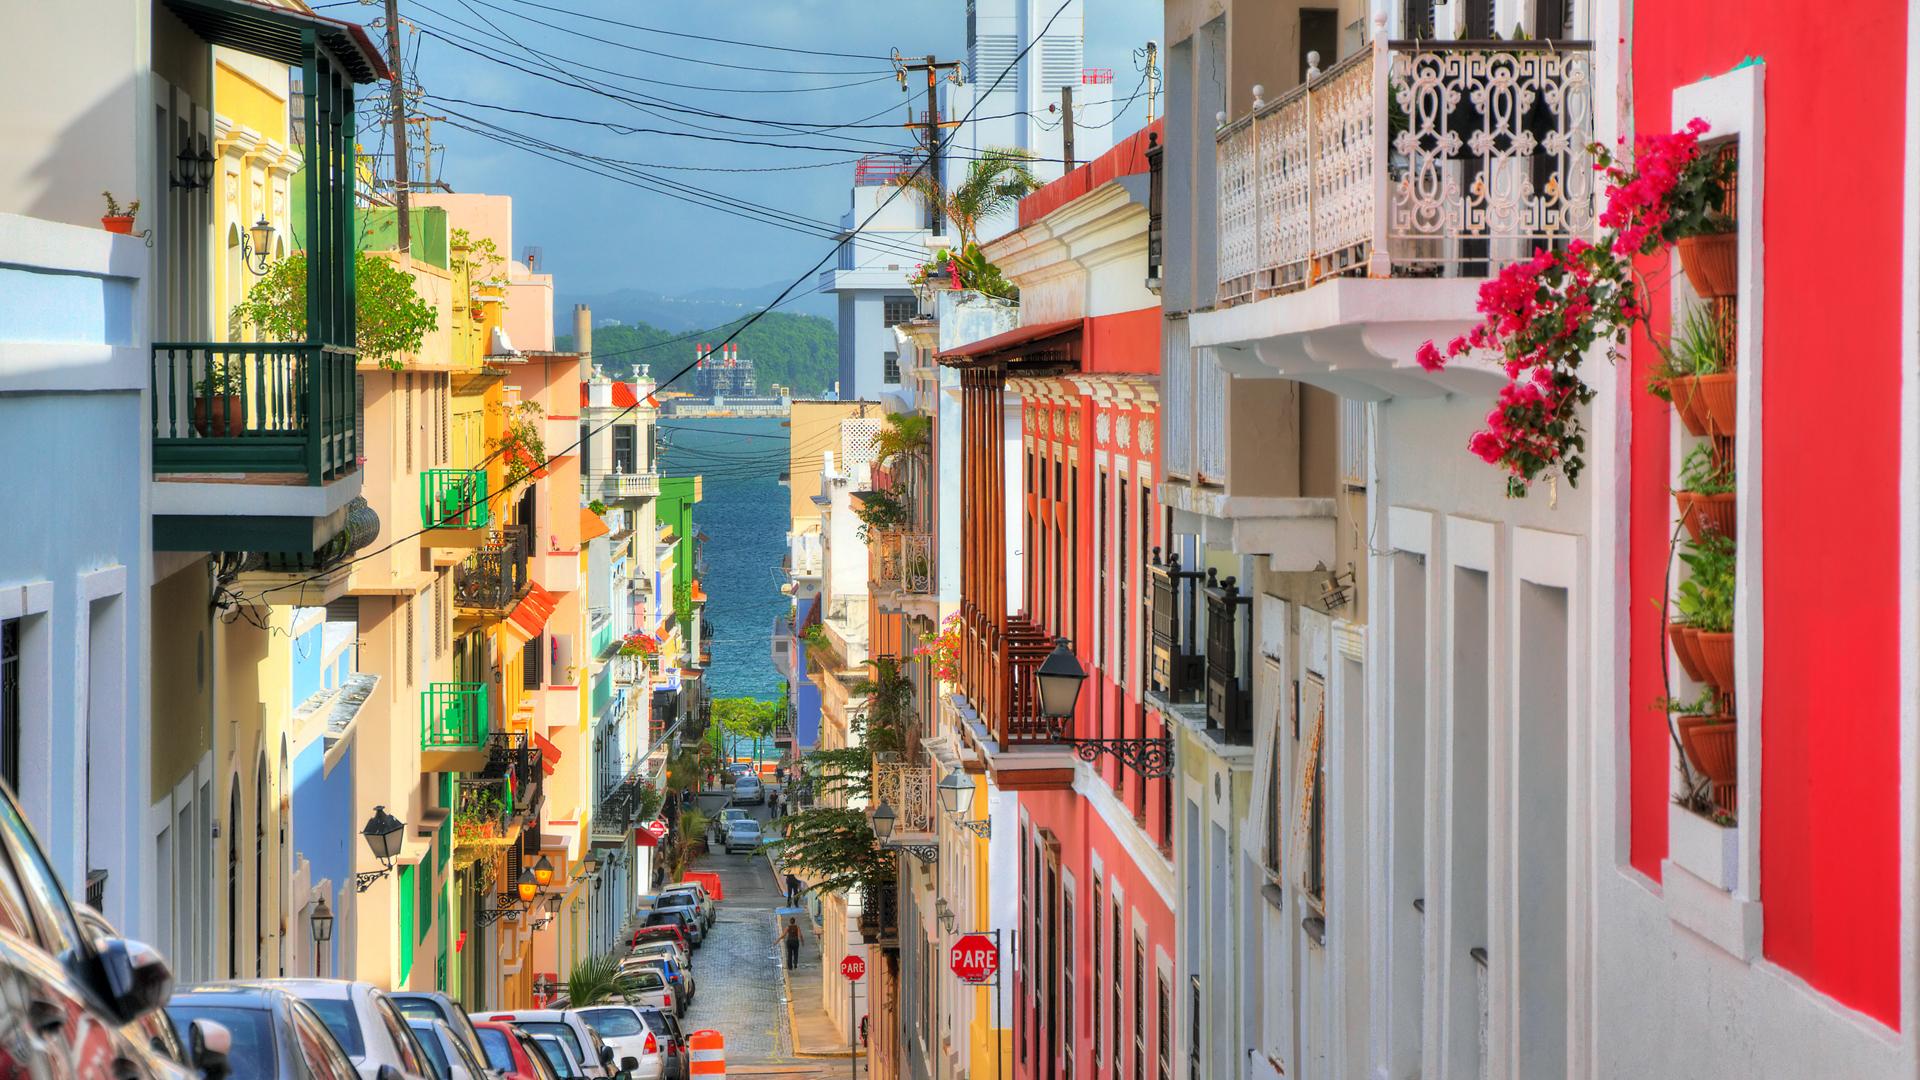 El viejo San Juan es el centro histórico de la ciudad de San Juan, en Puerto Rico (iStock)